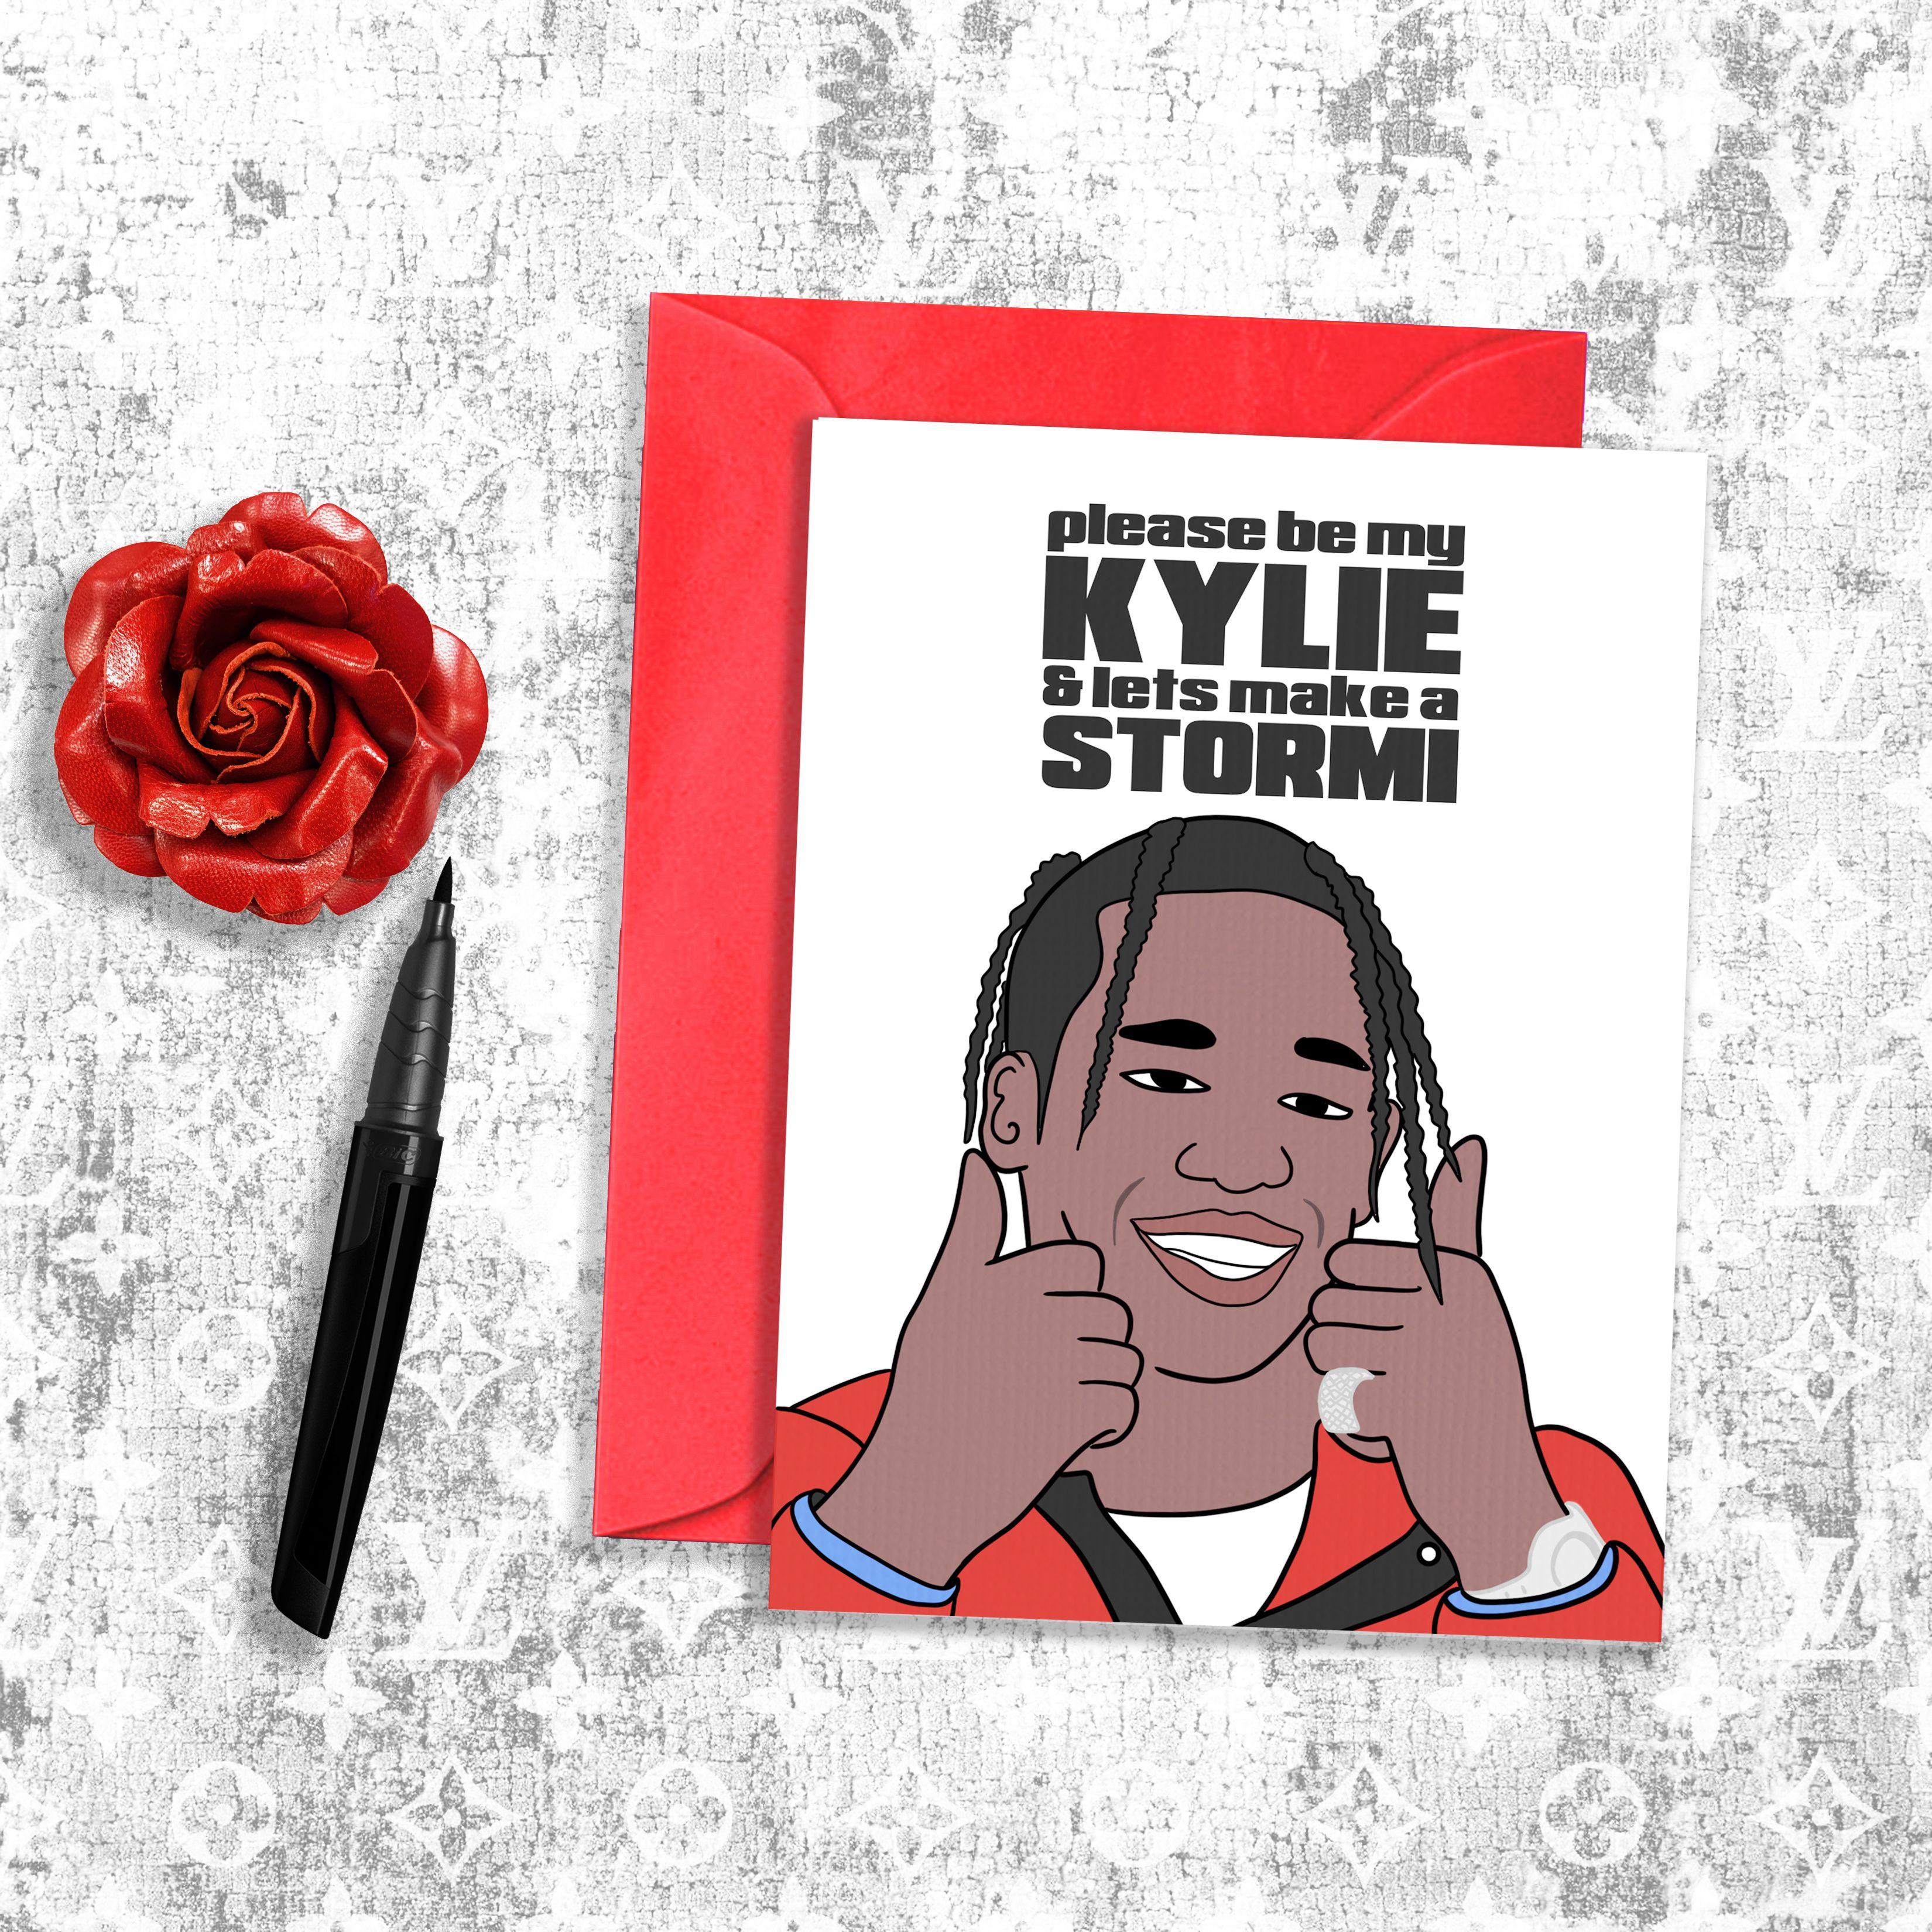 Travis Scott Kylie Jenner Inspired Valentine's Day Card